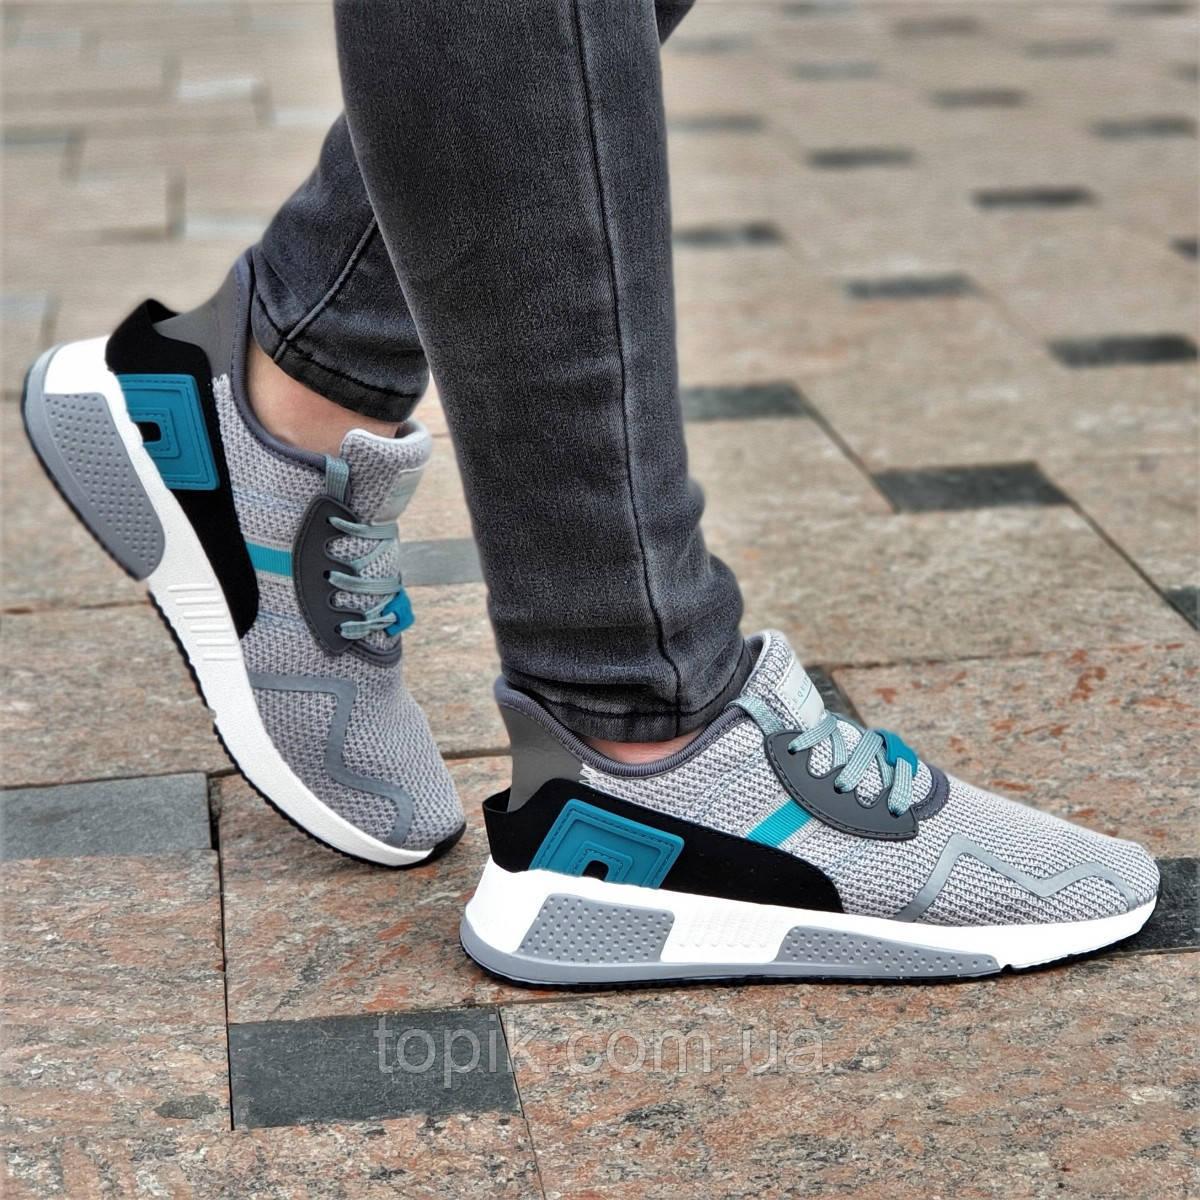 12687c786 Стильные женские кроссовки сетка серые силиконовые вставки, удобные на  весну лето (Код: 1369а